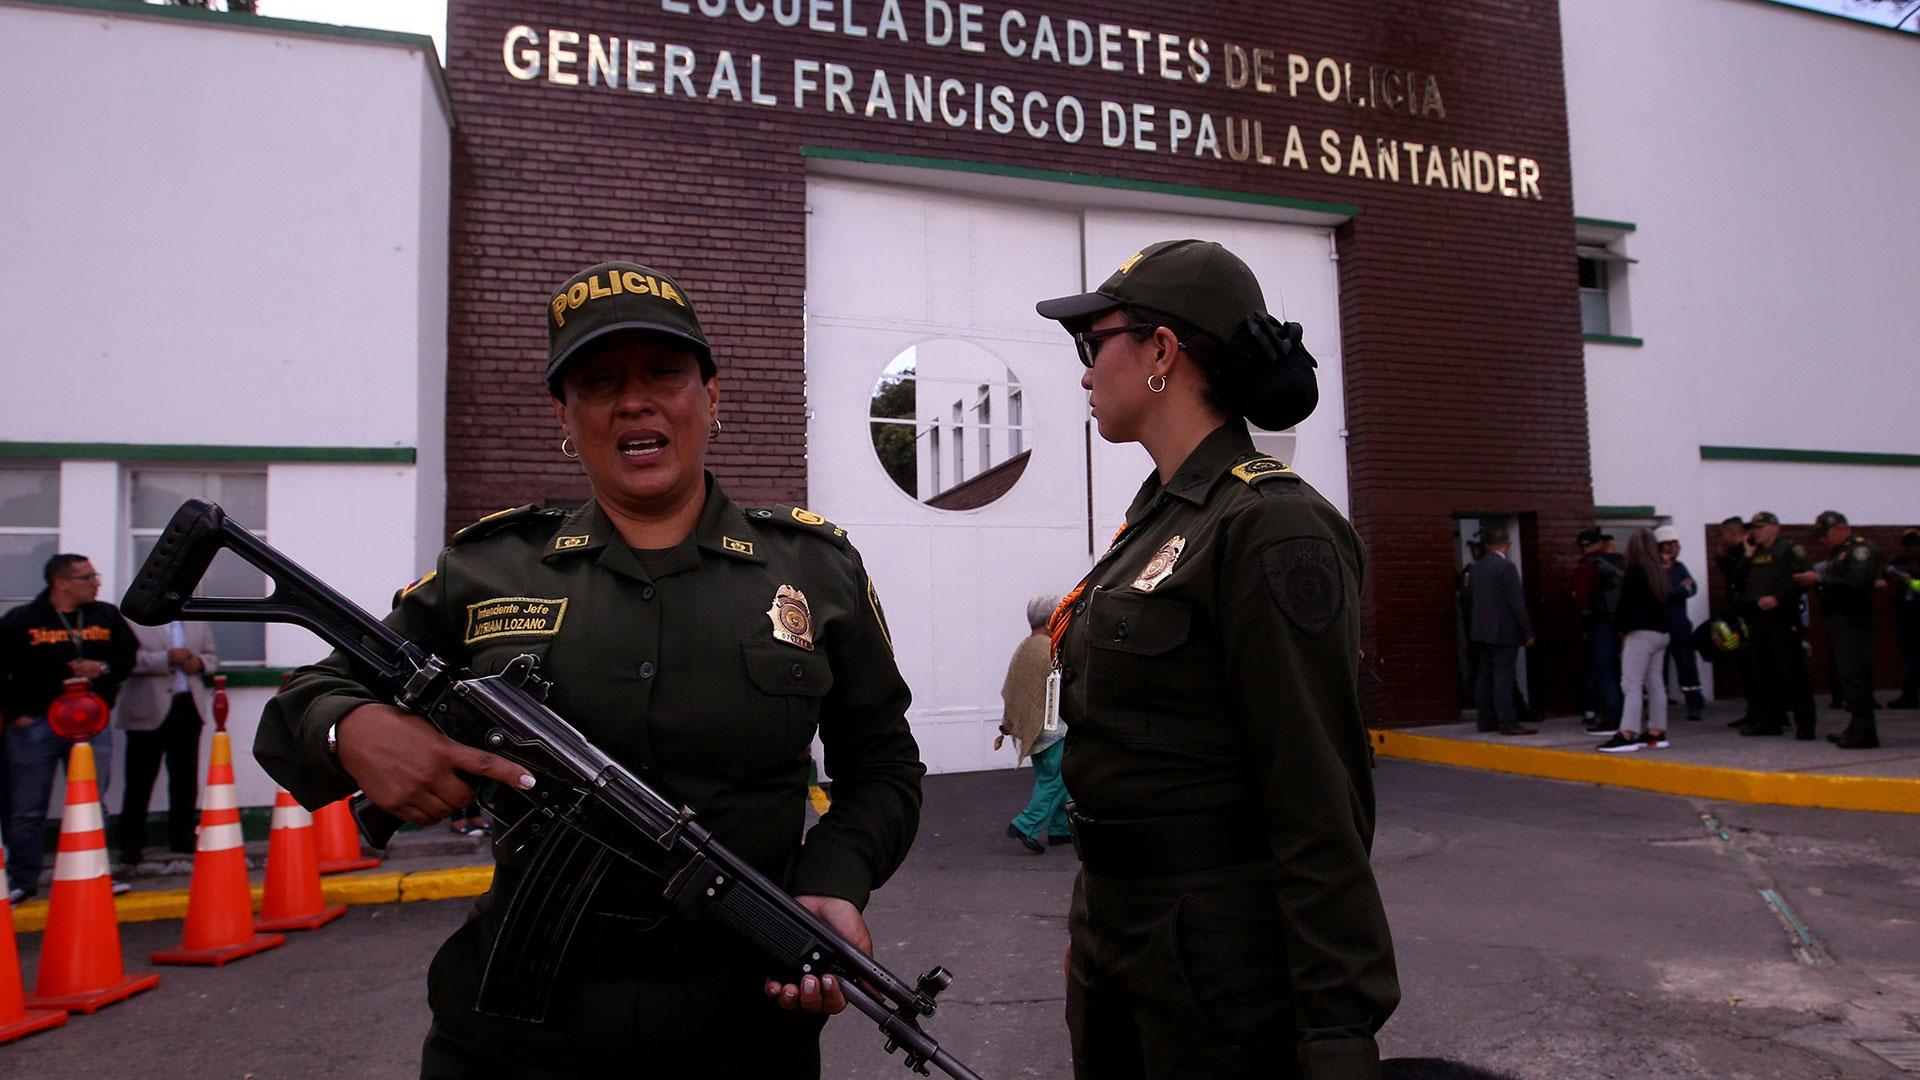 Vecinos del sector, de los barrios Centro Mayor y Fátima, reportaron la fuerte explosión hacia las 9:30 de la mañana, que dejó ruptura en vidrios y techos de las viviendas cercanas (EFE)